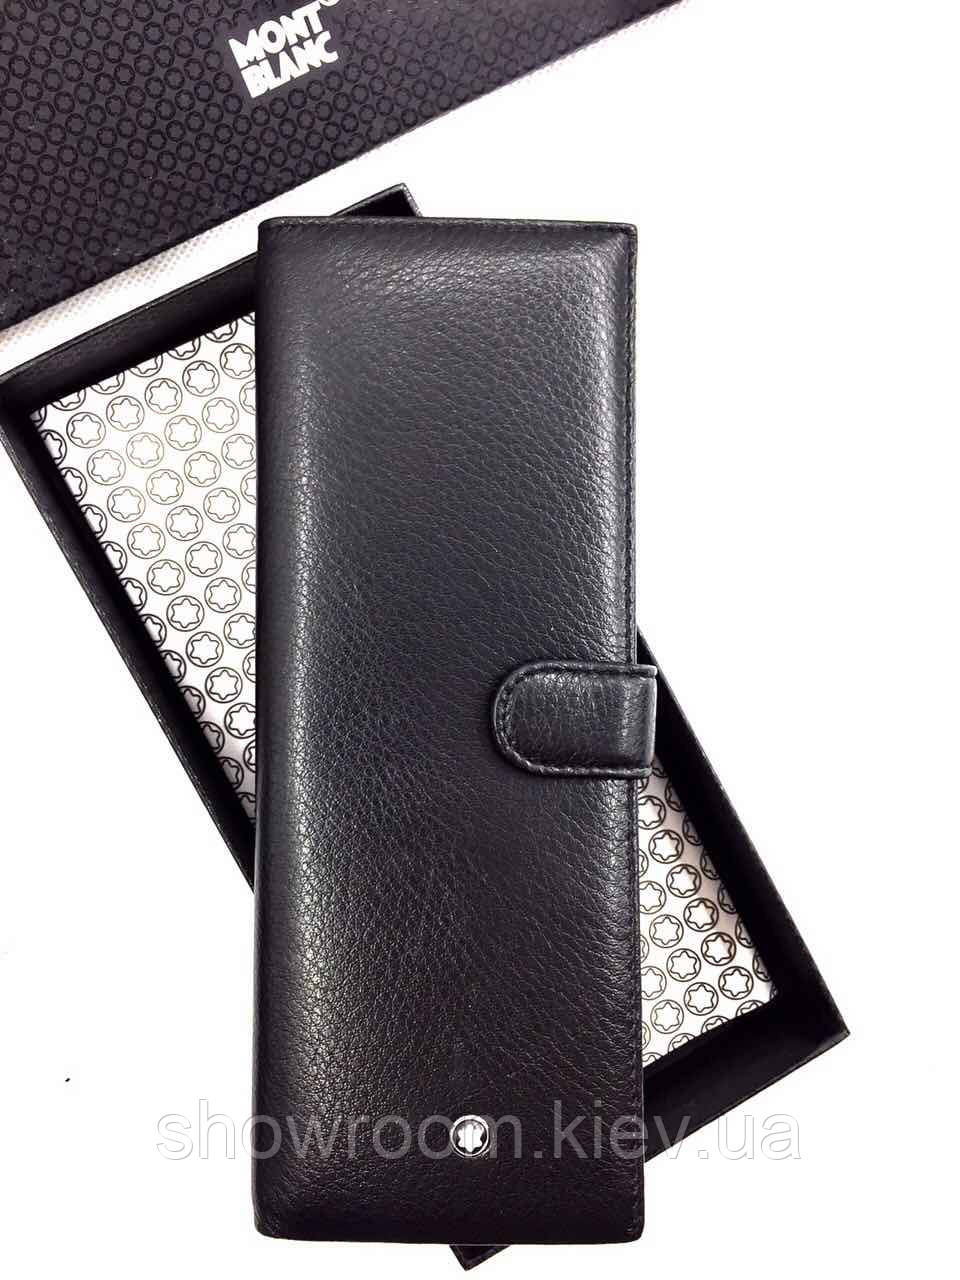 Мужская кожаная визитница в стиле Montblanc (2805) black